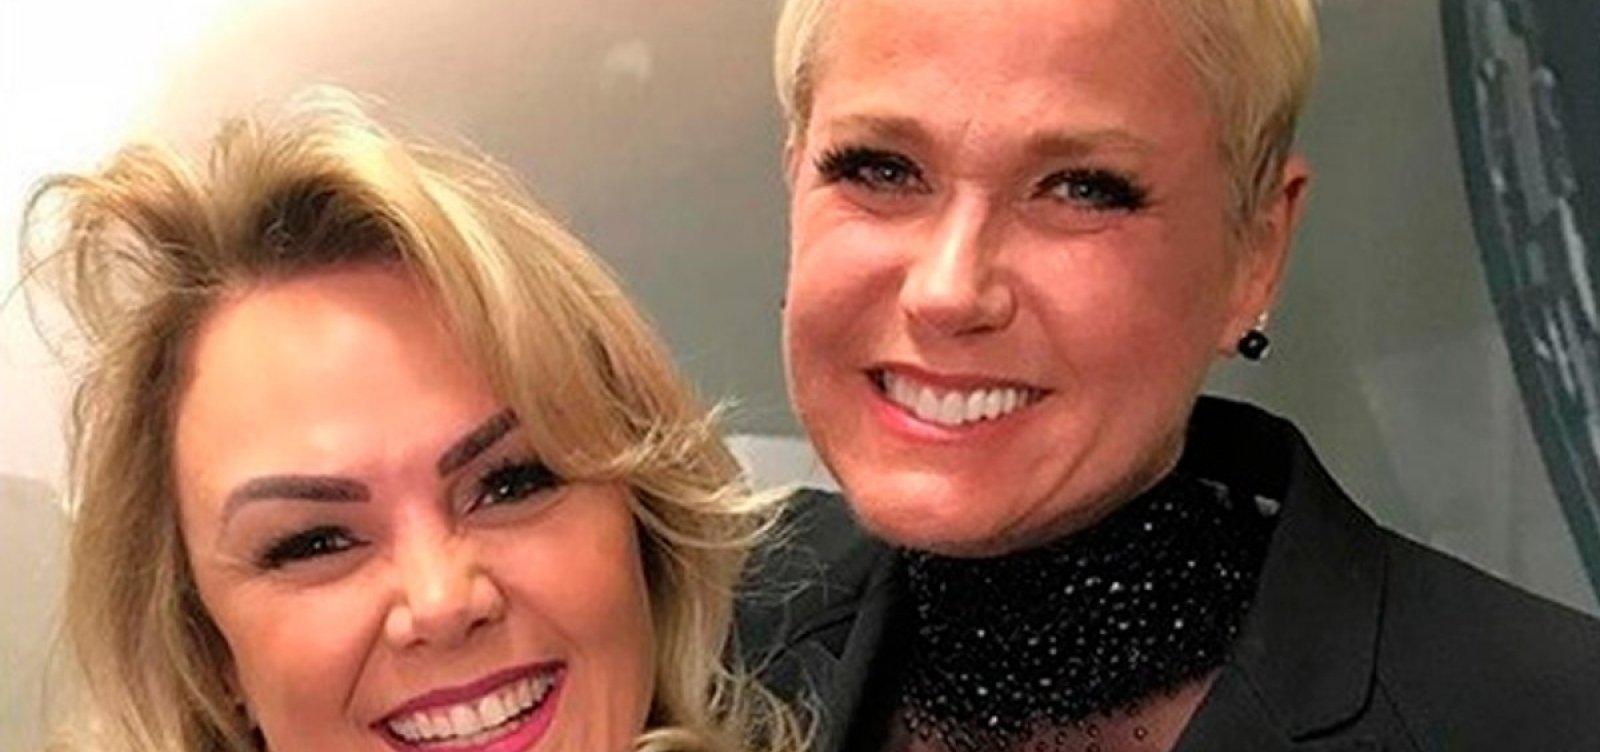 [Xuxa contrata segurança para ex-paquita agredida por marido]